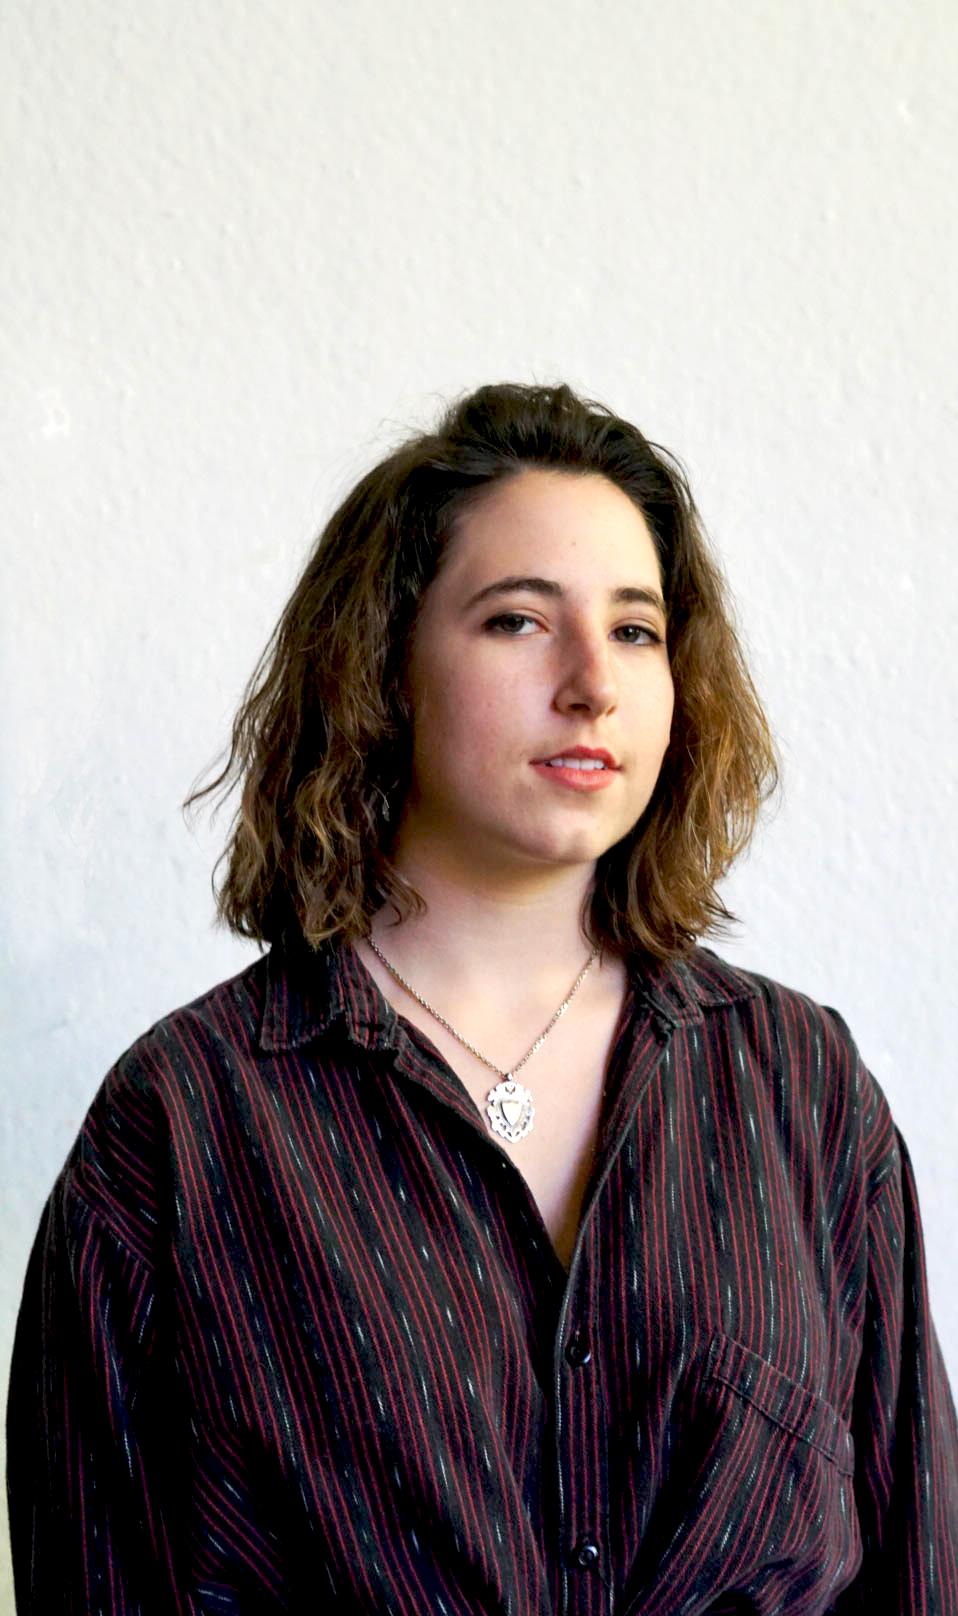 Ellie Levy